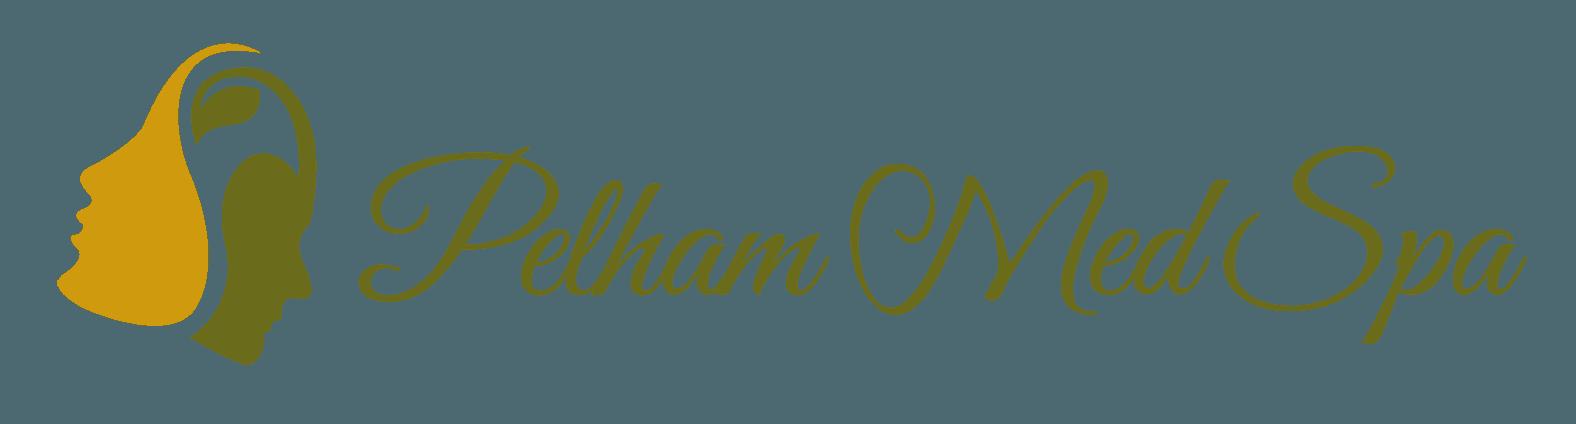 Pelham Med Spa